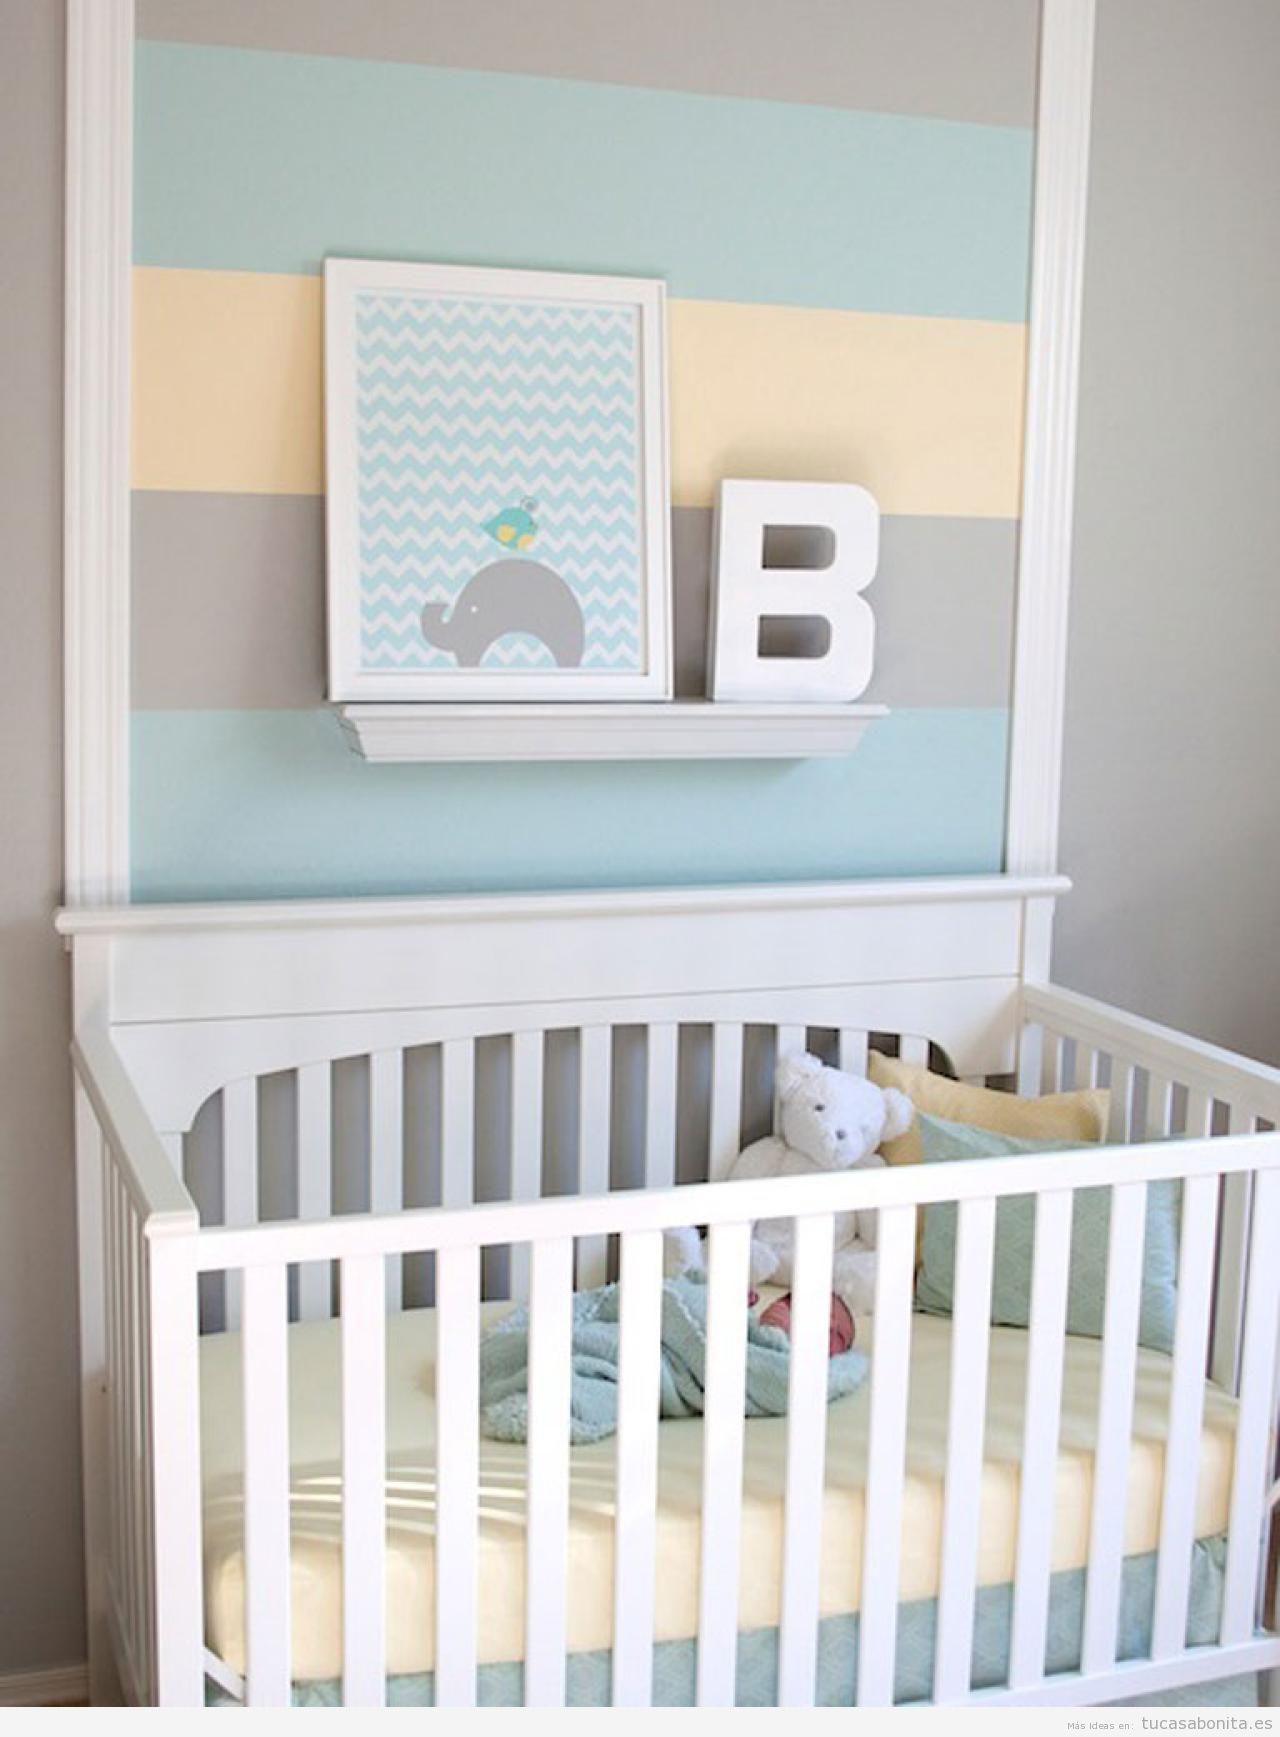 Ideas para decorar una habitaci n de beb y de ni o con poco dinero tu casa bonita - Poner linea telefonica en casa ...